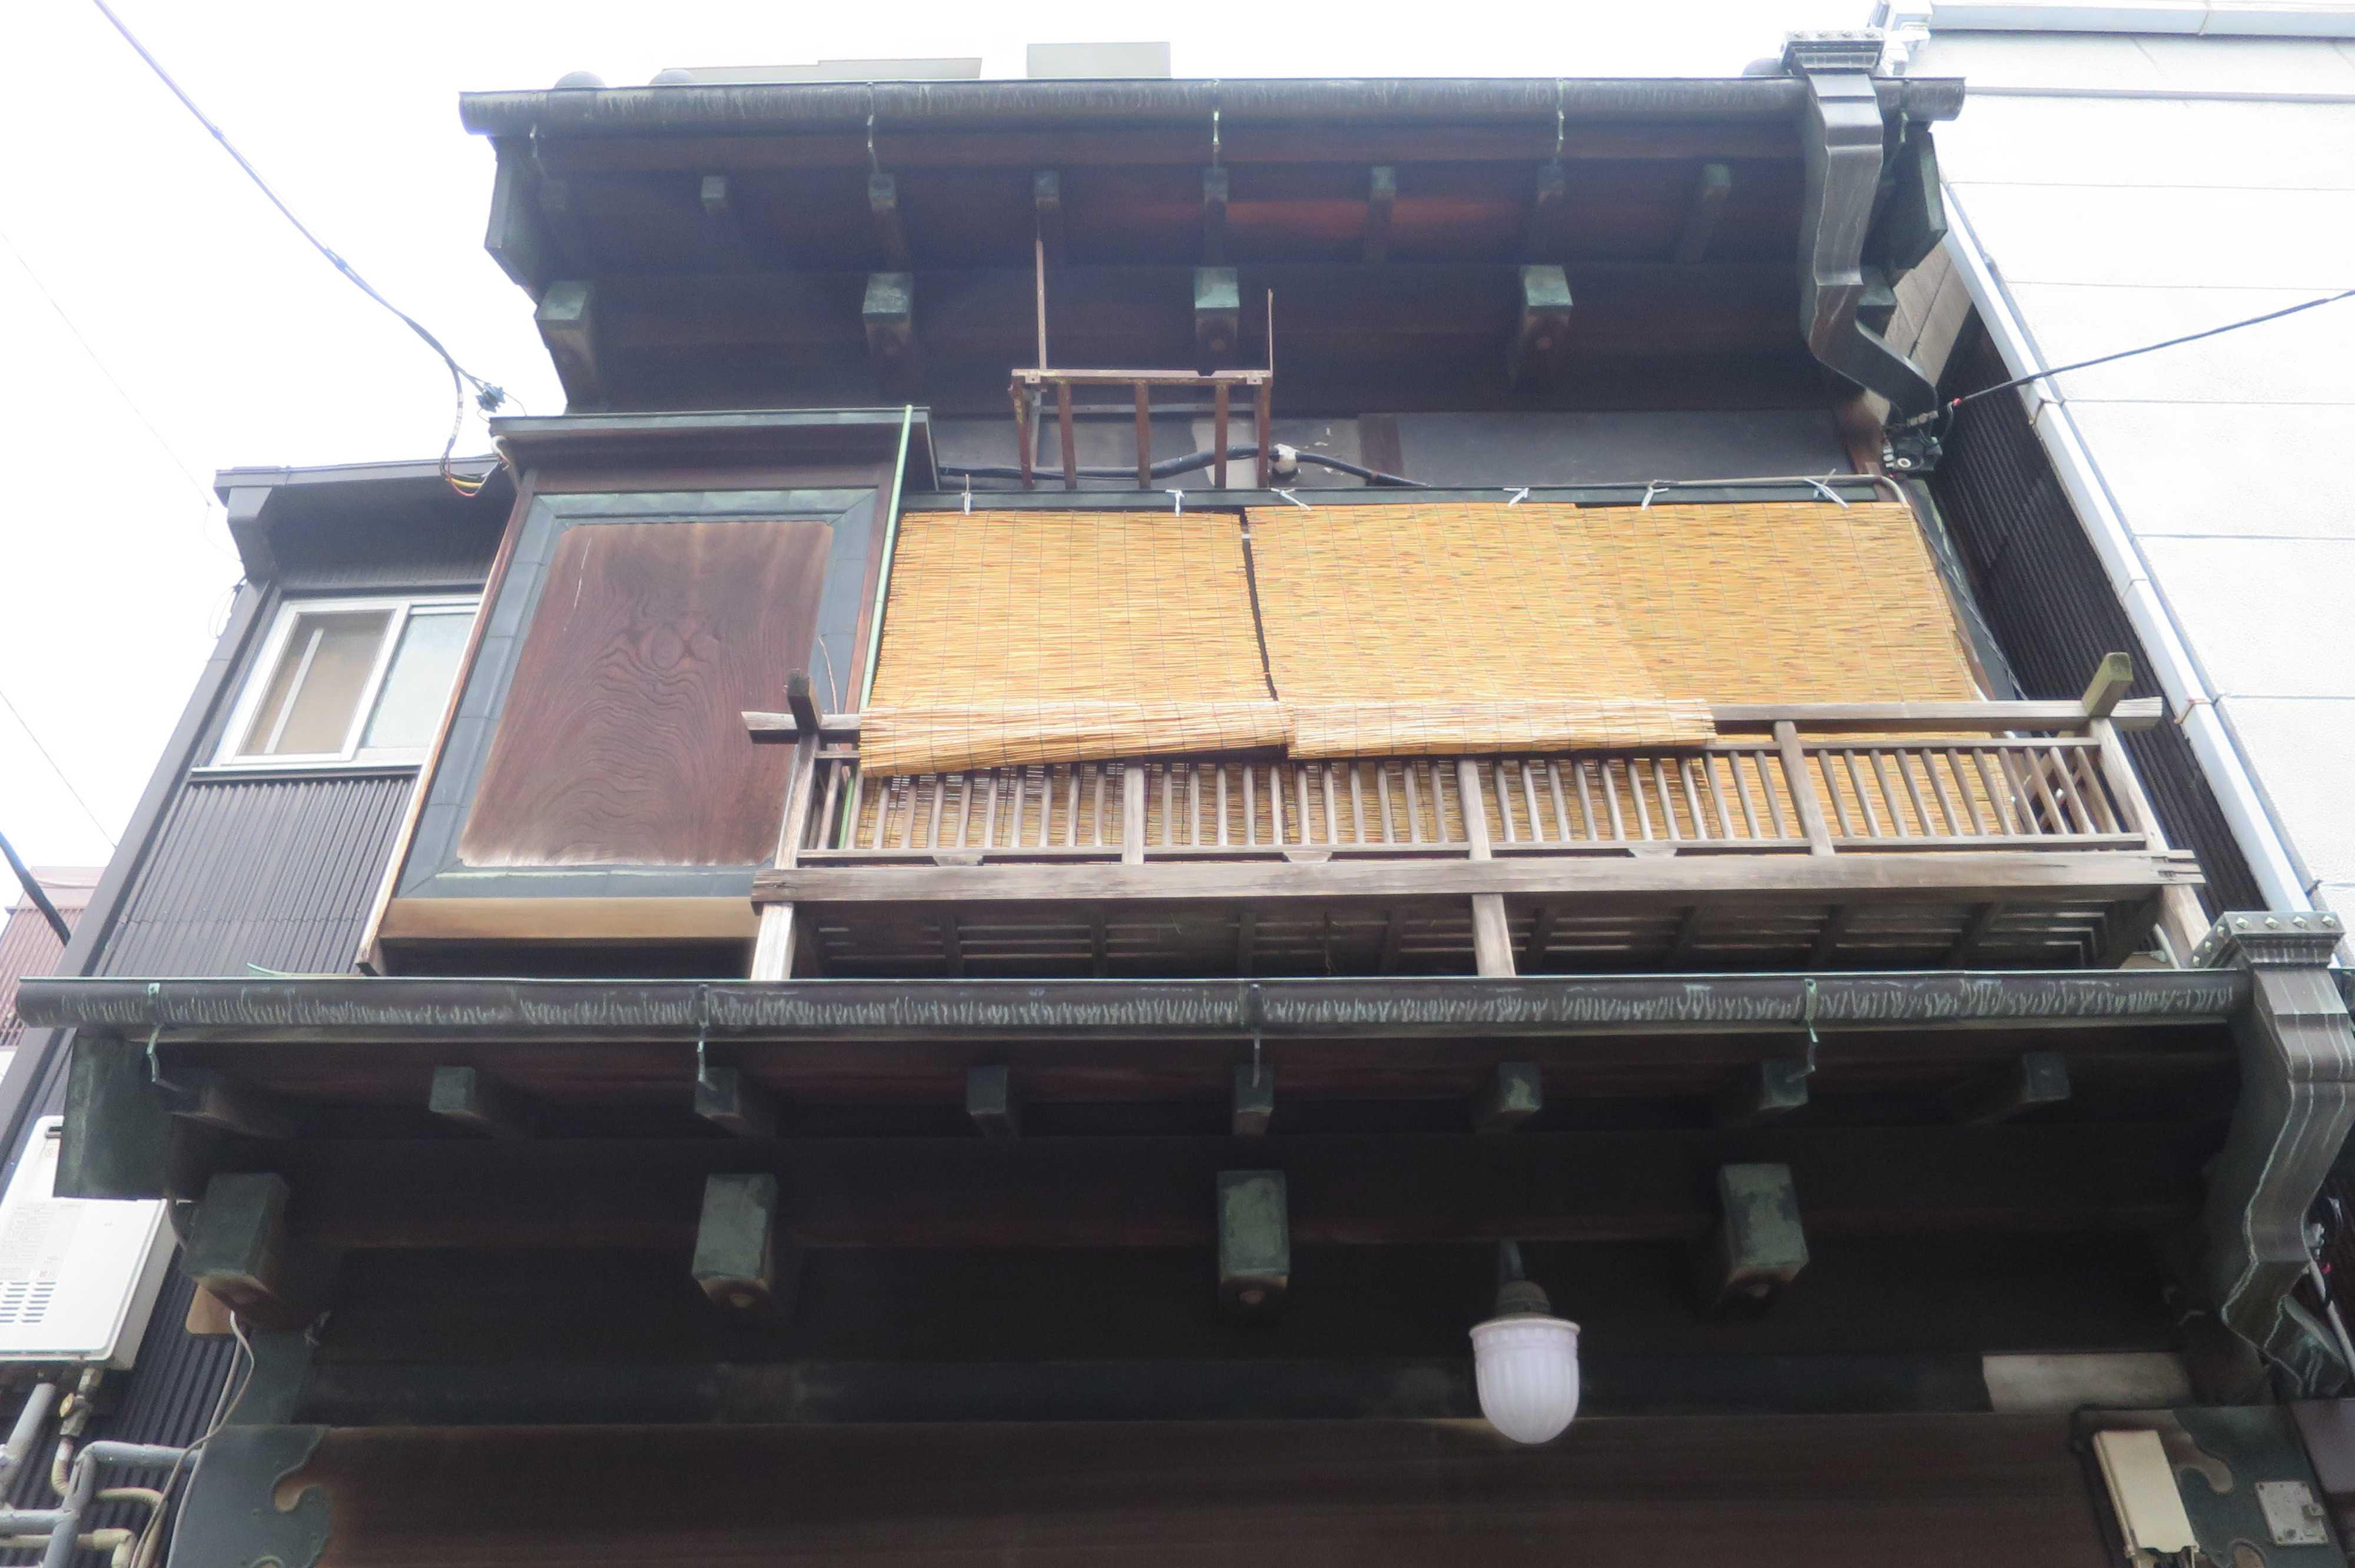 築地エリア - 町家型事務所建築の一枚板の檜の戸袋や三枚の簾